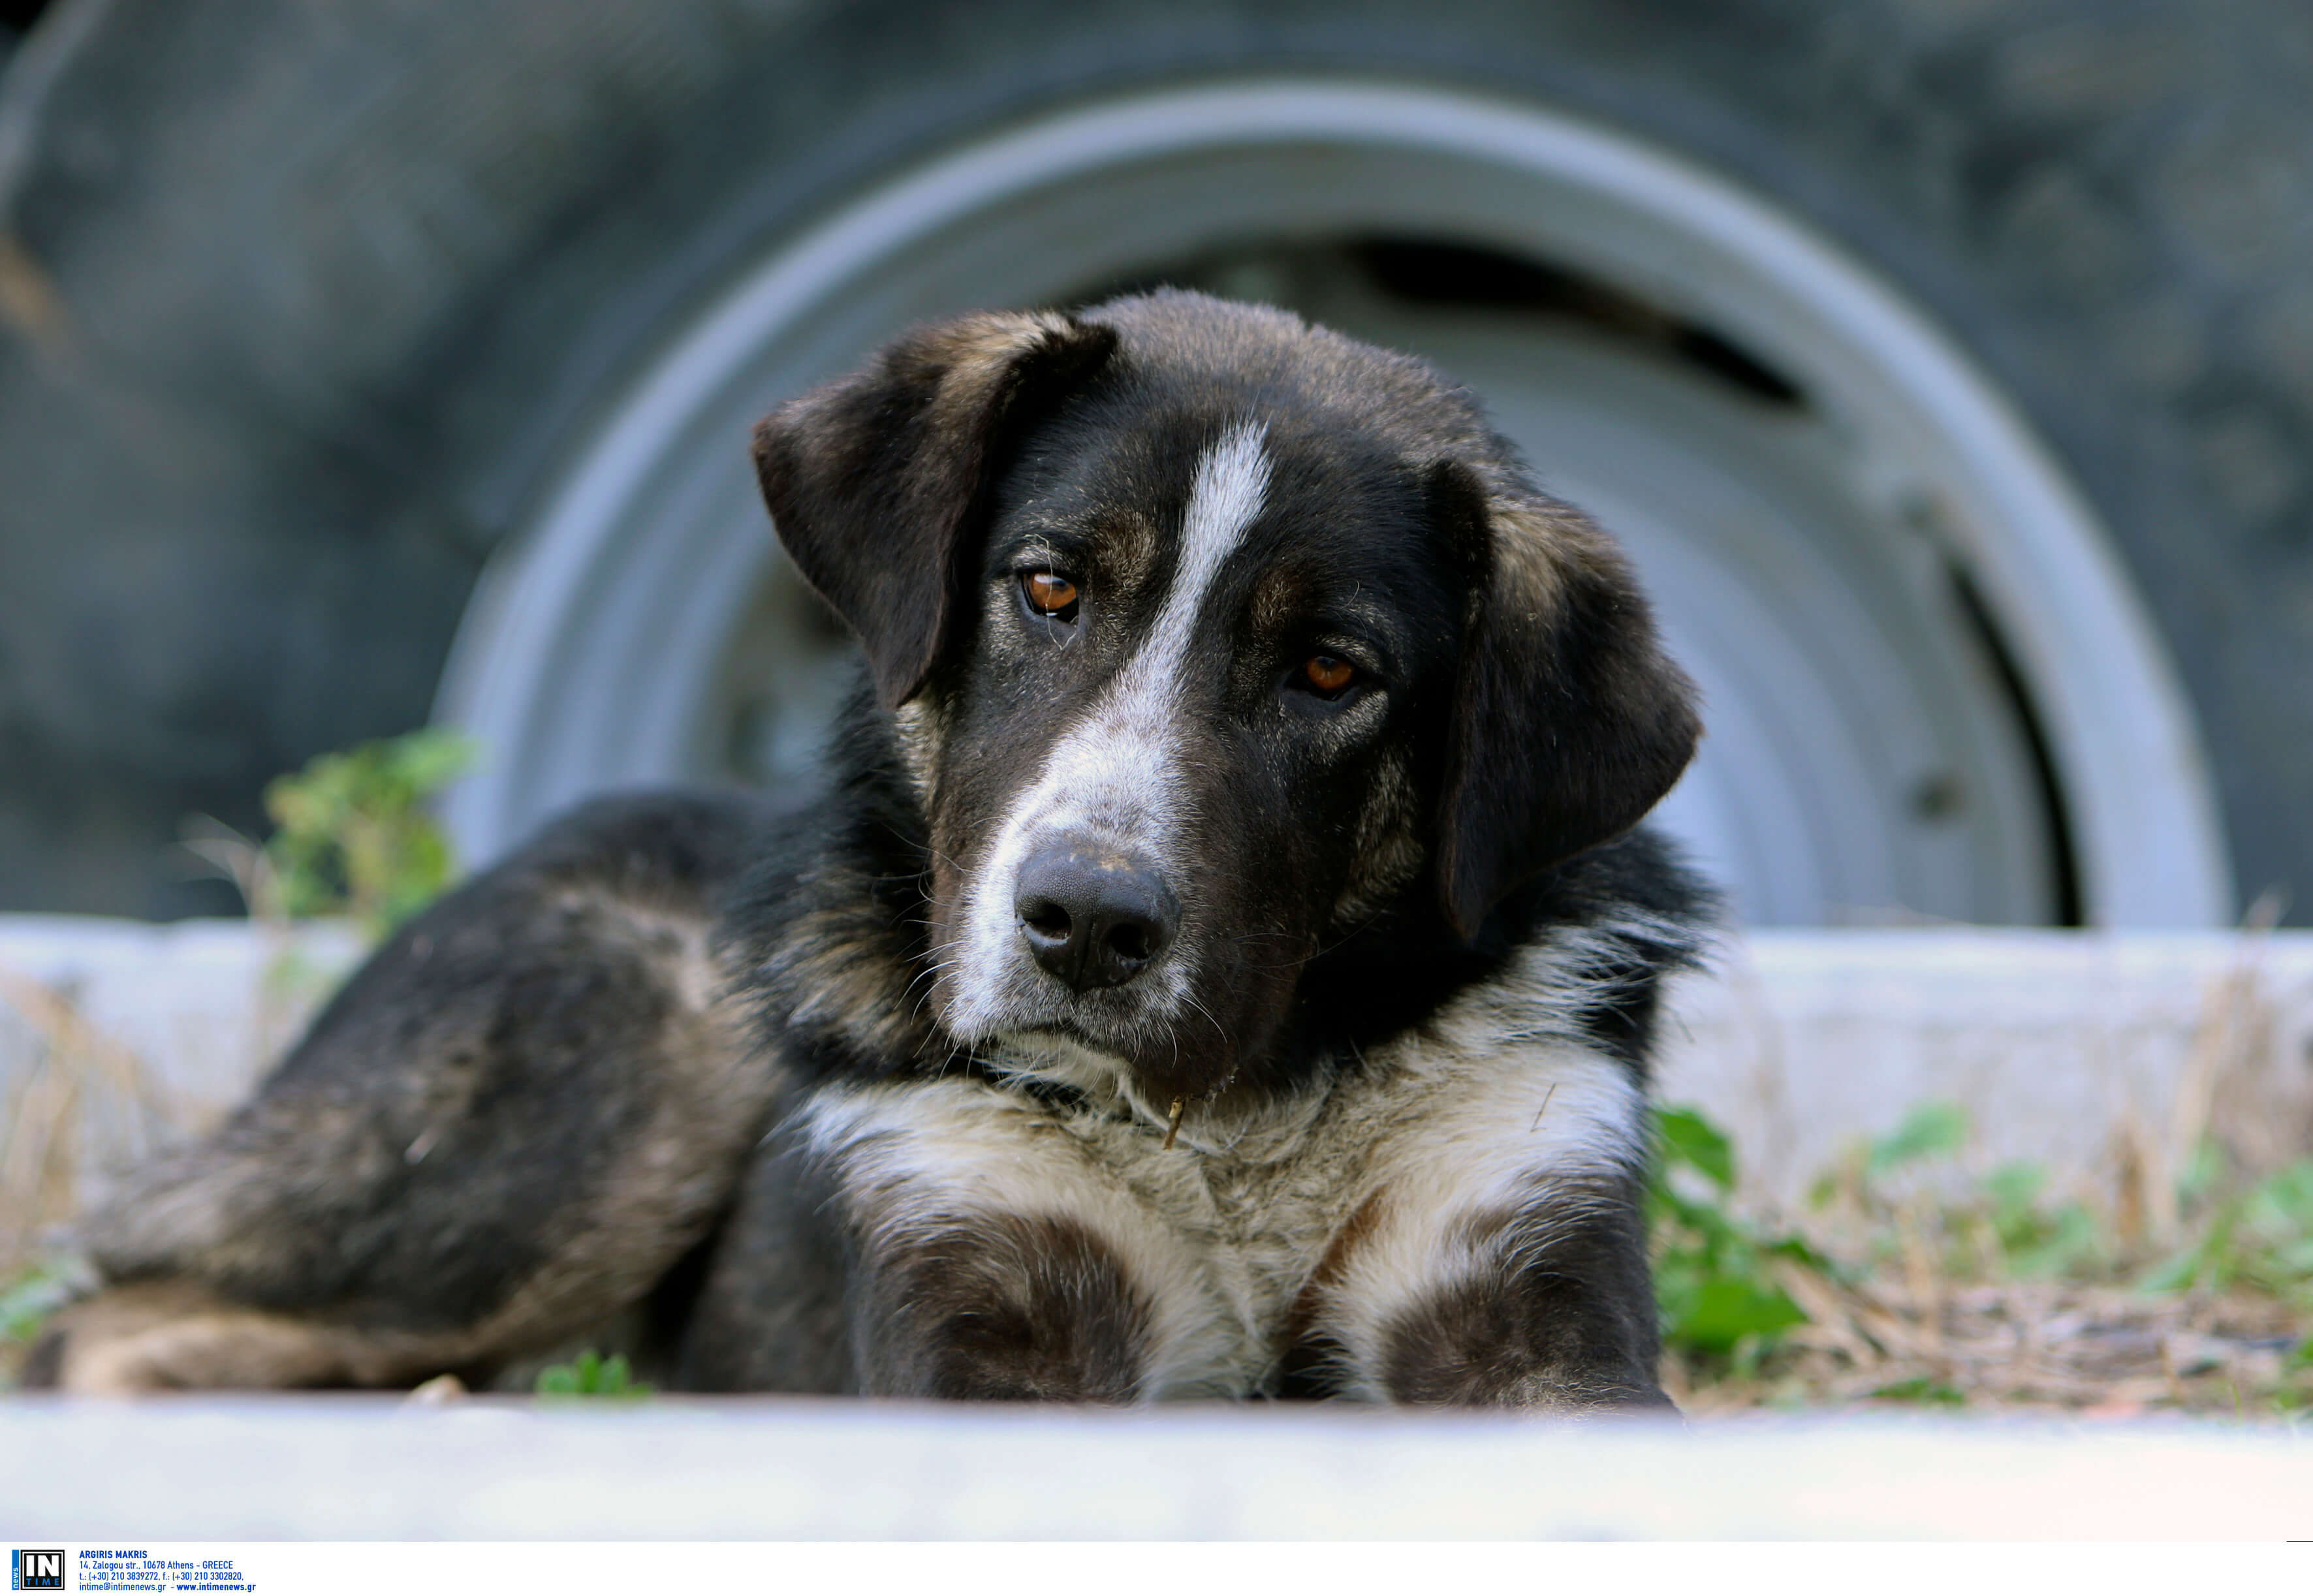 Συγκίνηση! Ανάπηρος σκύλος έσωσε παιδί που το έθαψαν ζωντανό σε χωράφι